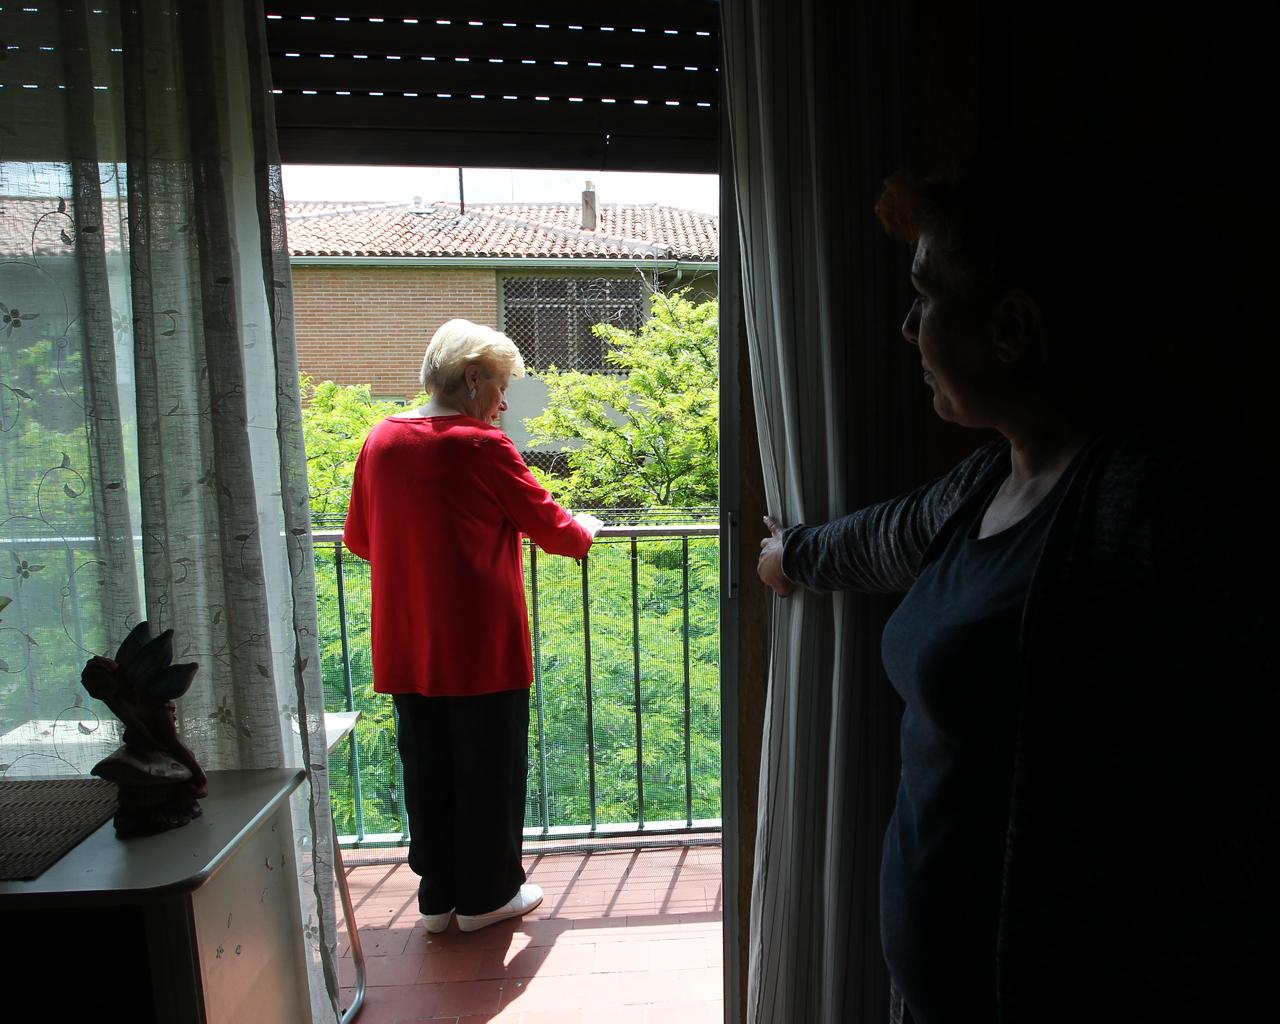 Juana es dependiente, y su centro de día cerró al comienzo de la pandemia. Su hija Mª Ángeles se reincorporará pronto a su puesto de trabajo. Madrid. 30/04/2020.